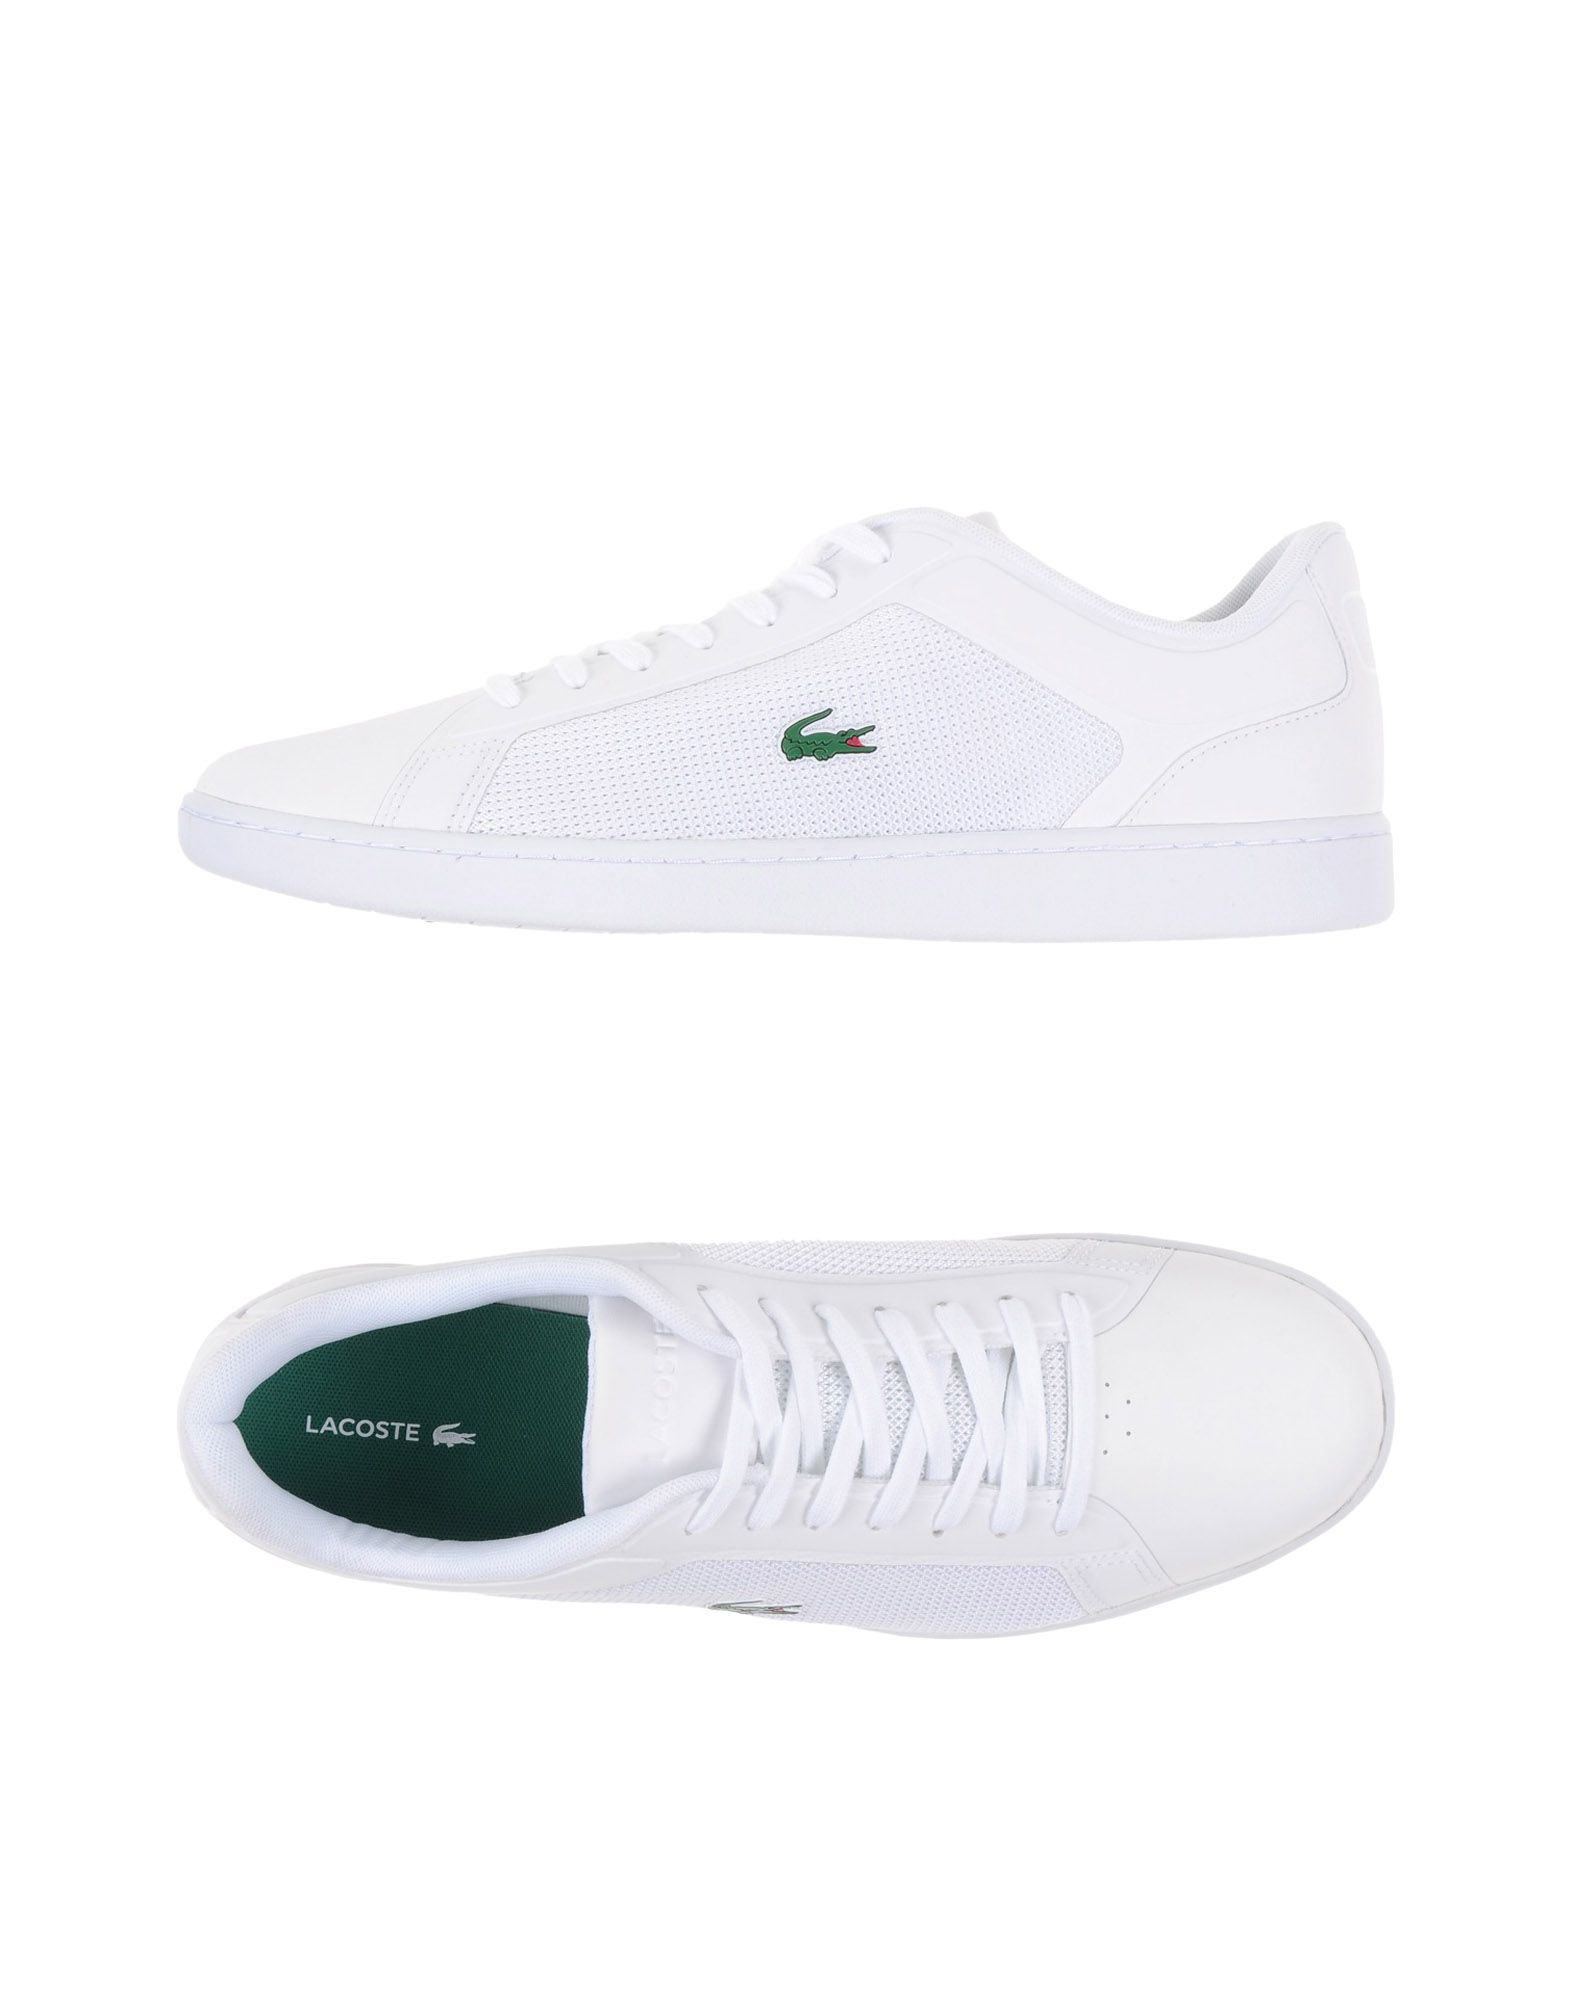 Sneakers Lacoste Endliner 116 2 - Uomo - Acquista online su